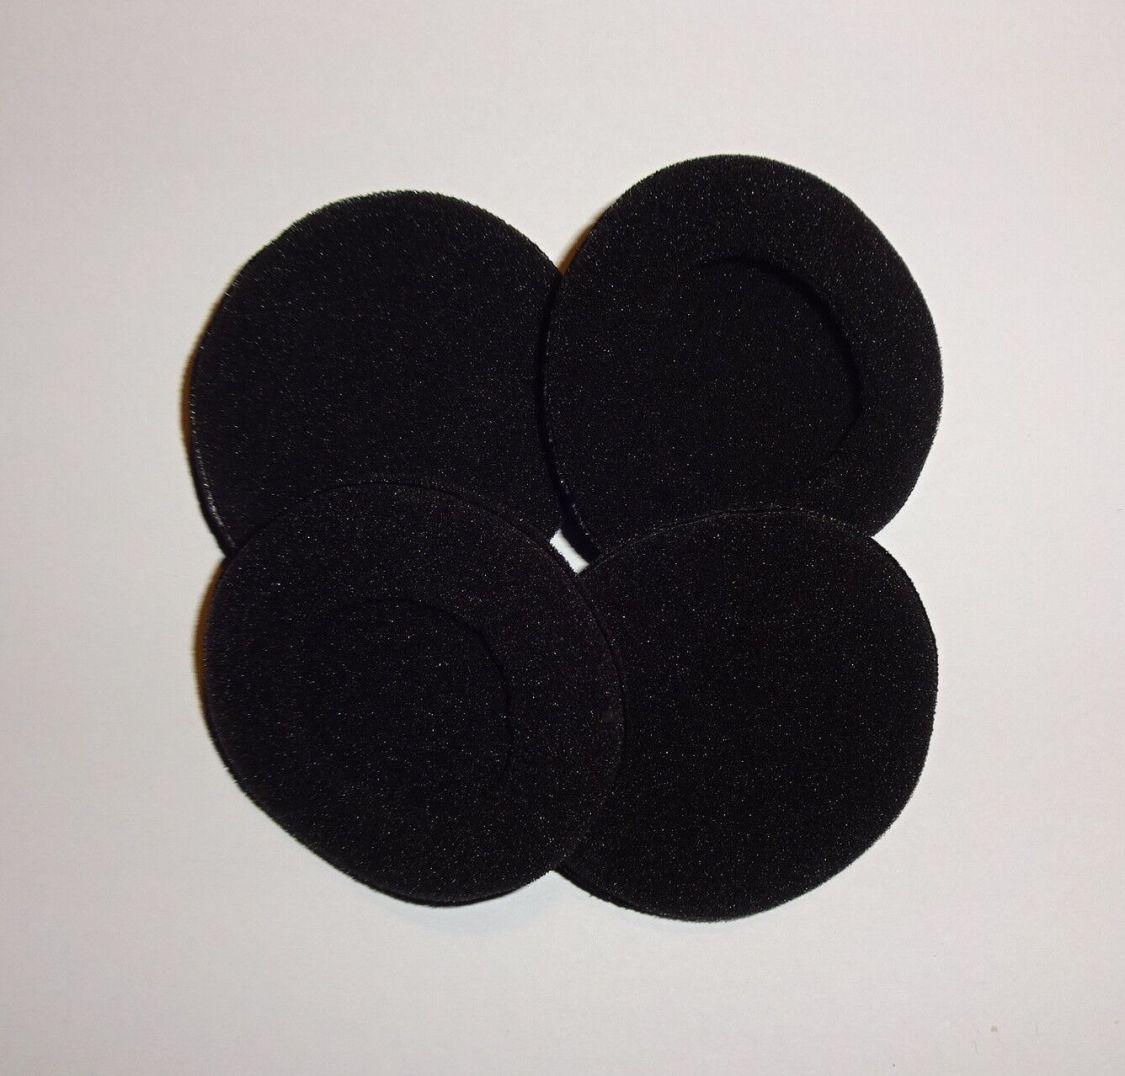 2 Schaumstoff Ohrpolster für Headsets, div. Durchmesser (45-65 mm), schwarz